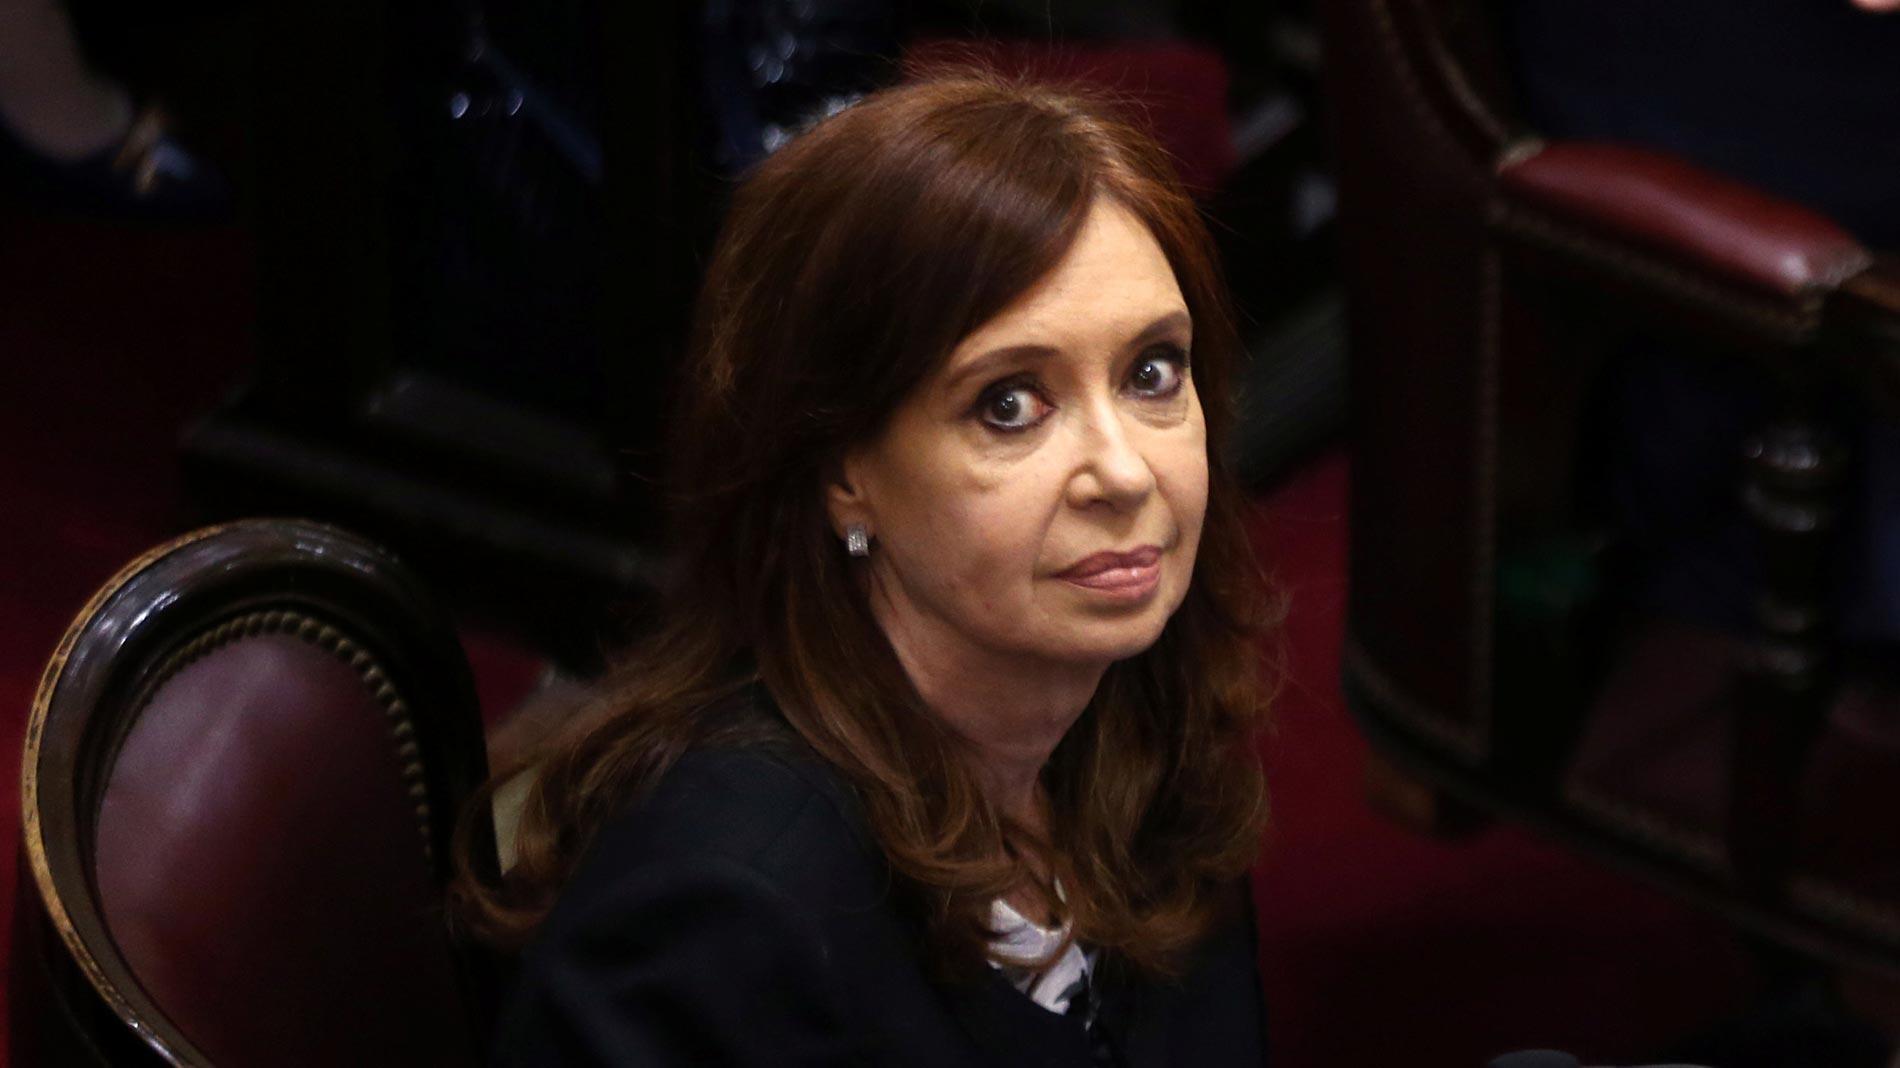 Un juez argentino pide quitar la inmunidad a la expresidenta Cristina Fernández para detenerla